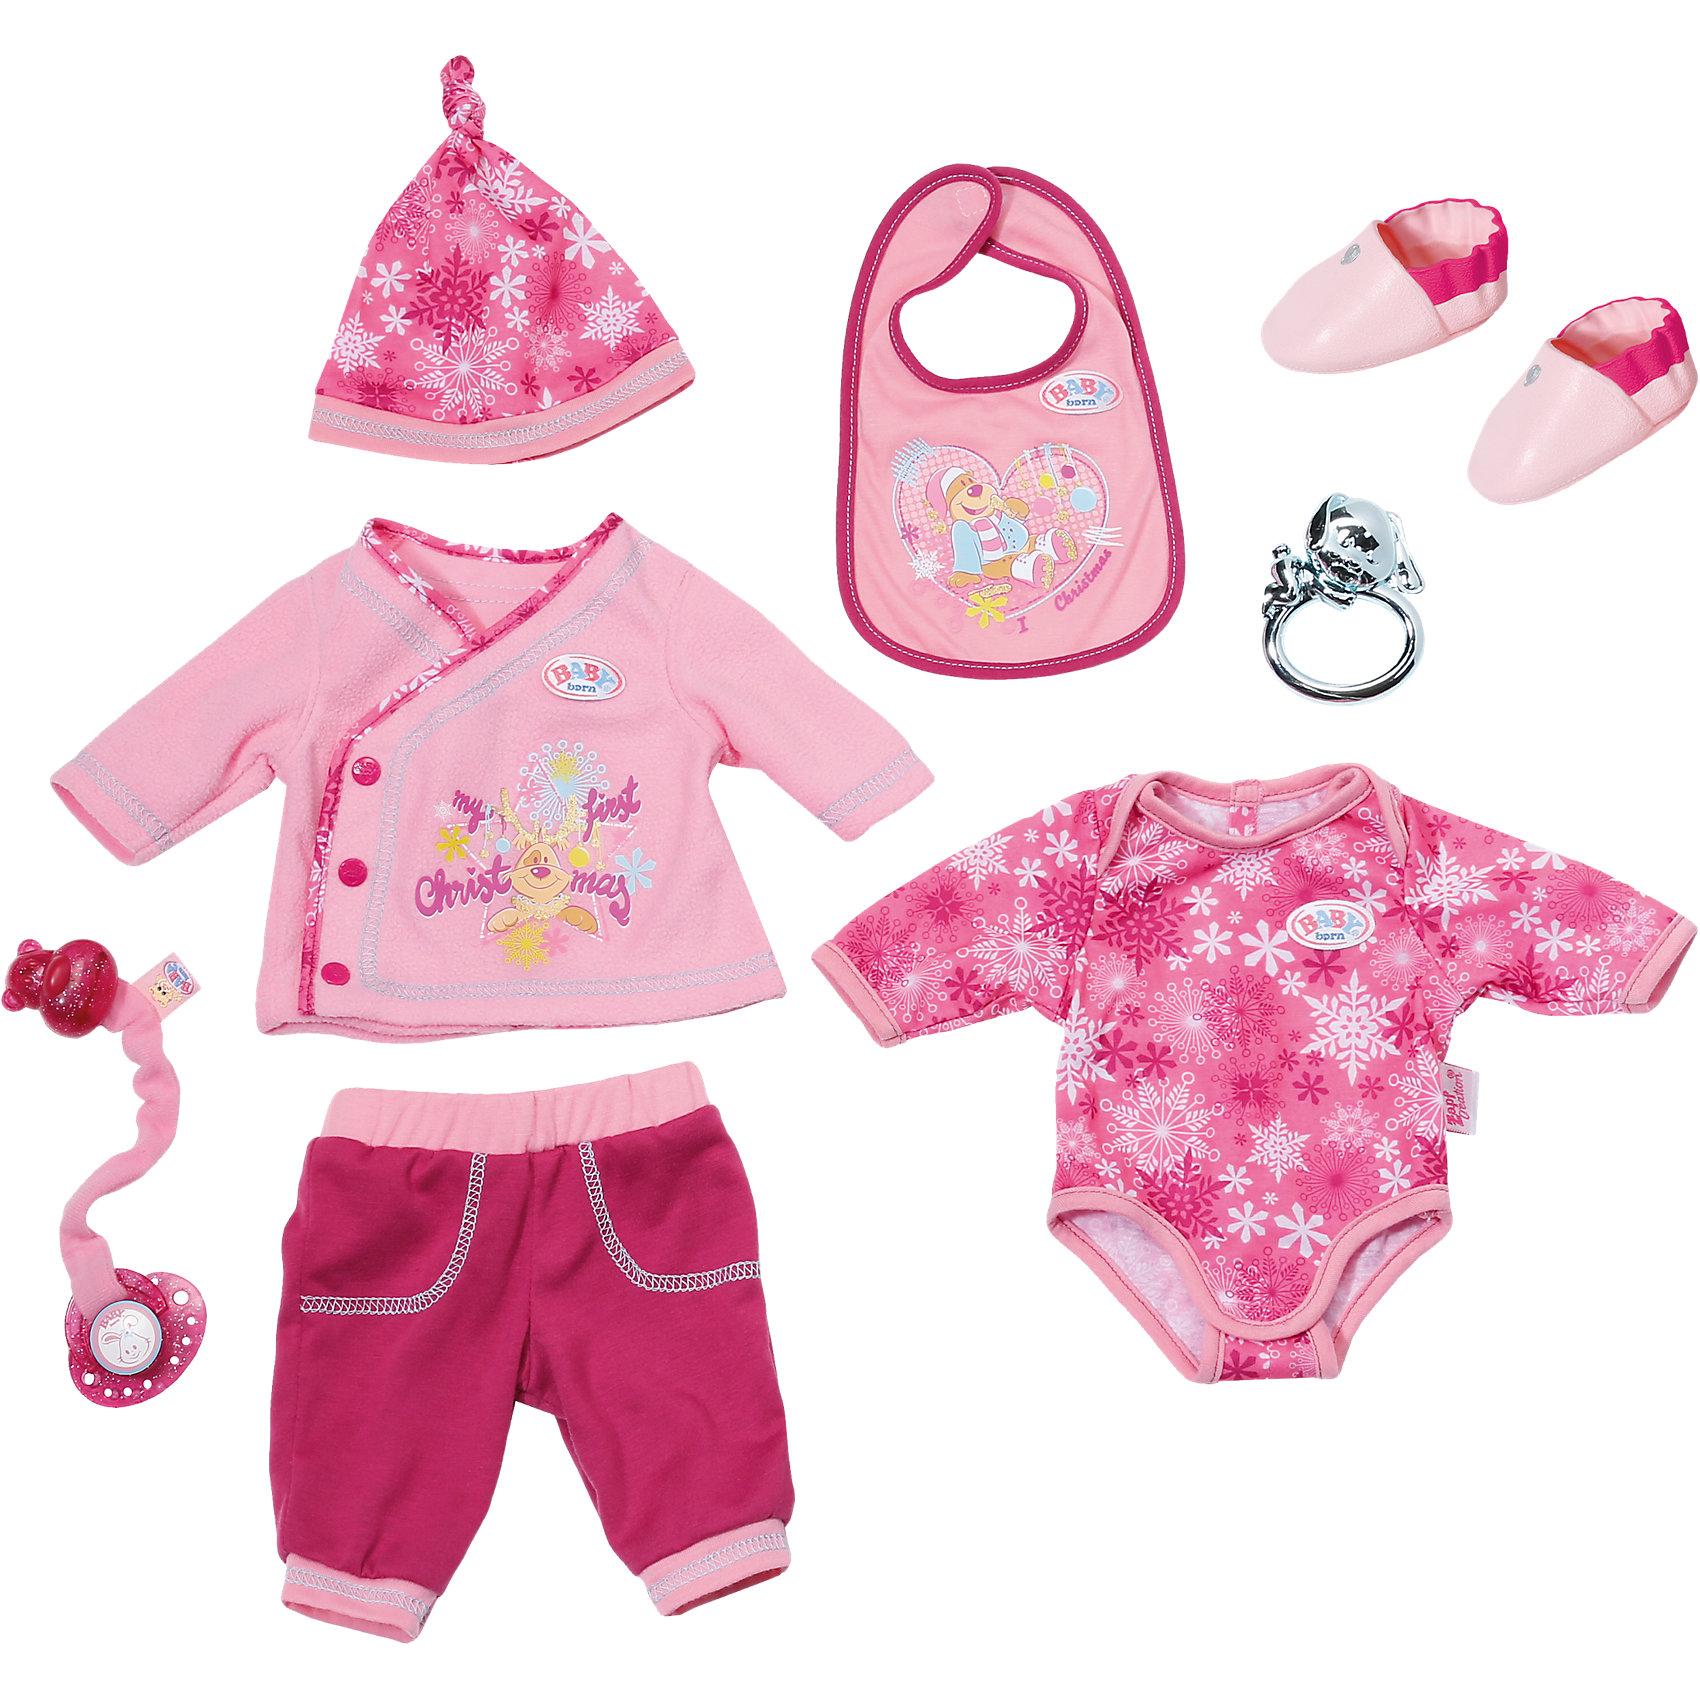 Zapf Creation Одежда для куклы Готовимся к зиме, BABY born®